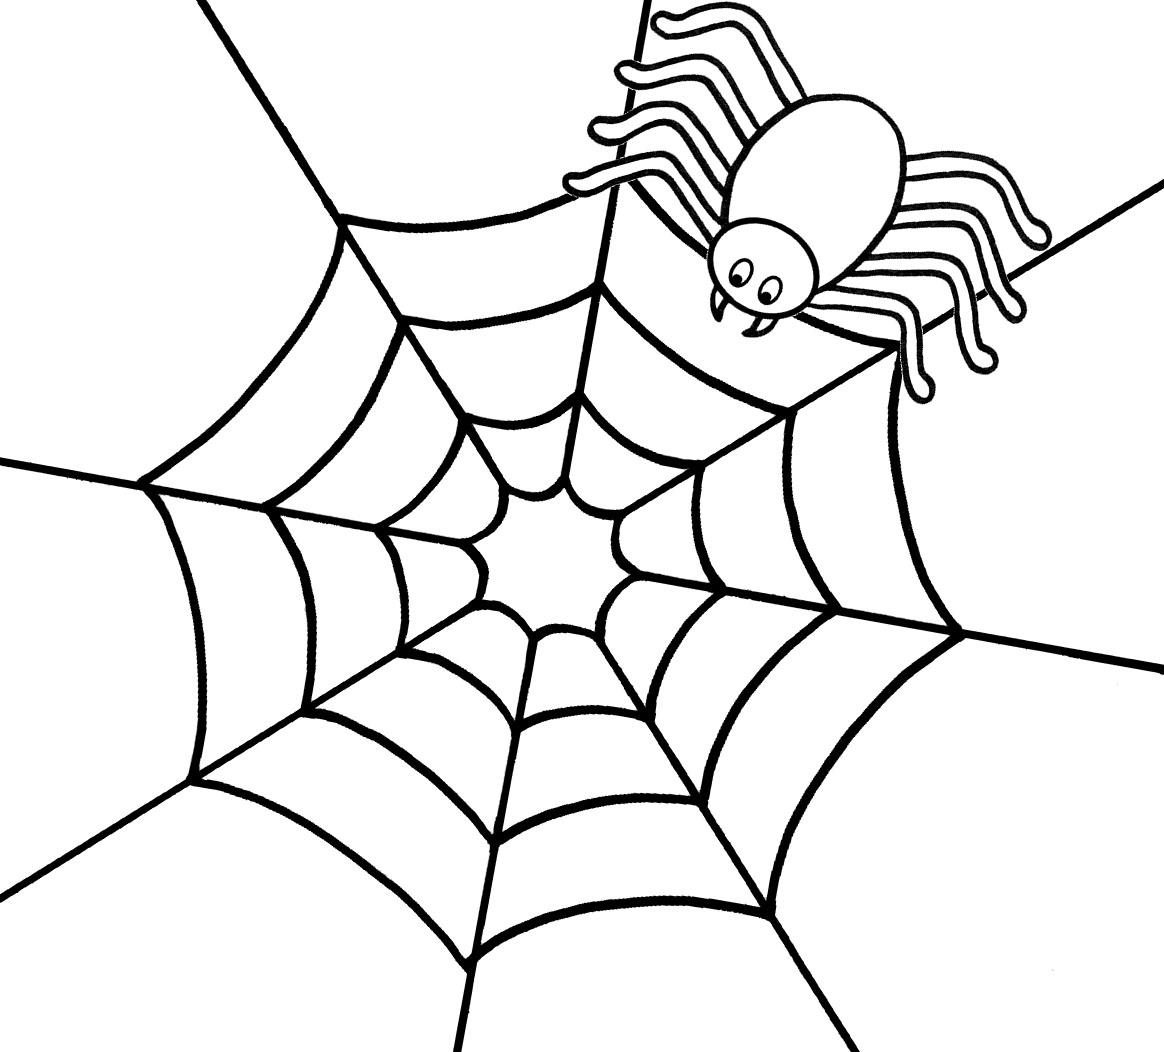 1164x1052 preschool spider web coloring page coloring